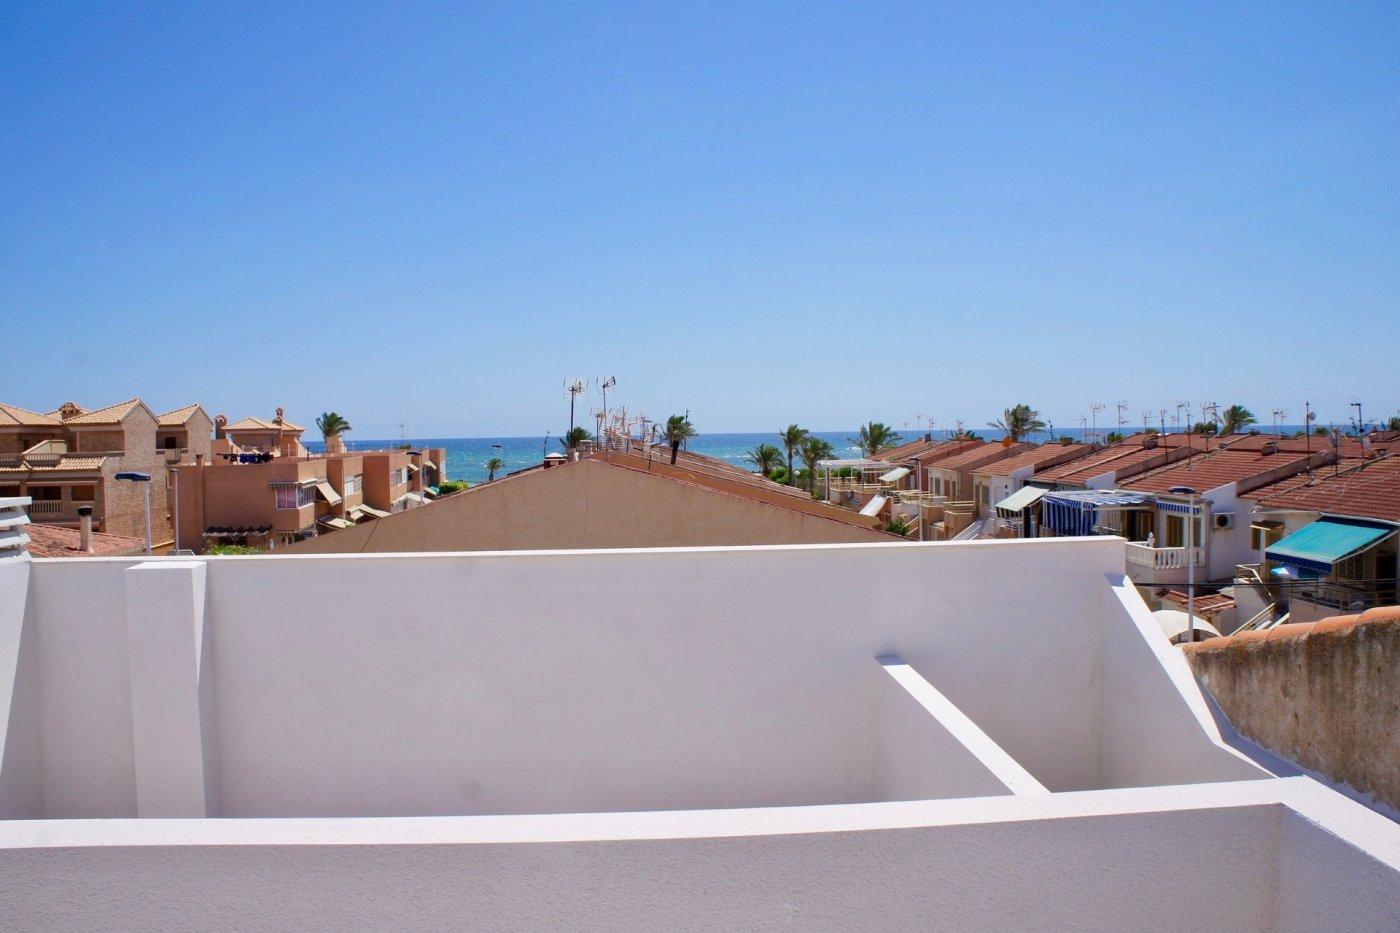 Gallery Image 25 of Nuevo apartamento listo en la planta superior de 2 dormitorios a solo 2 minutos a pie de las playas,